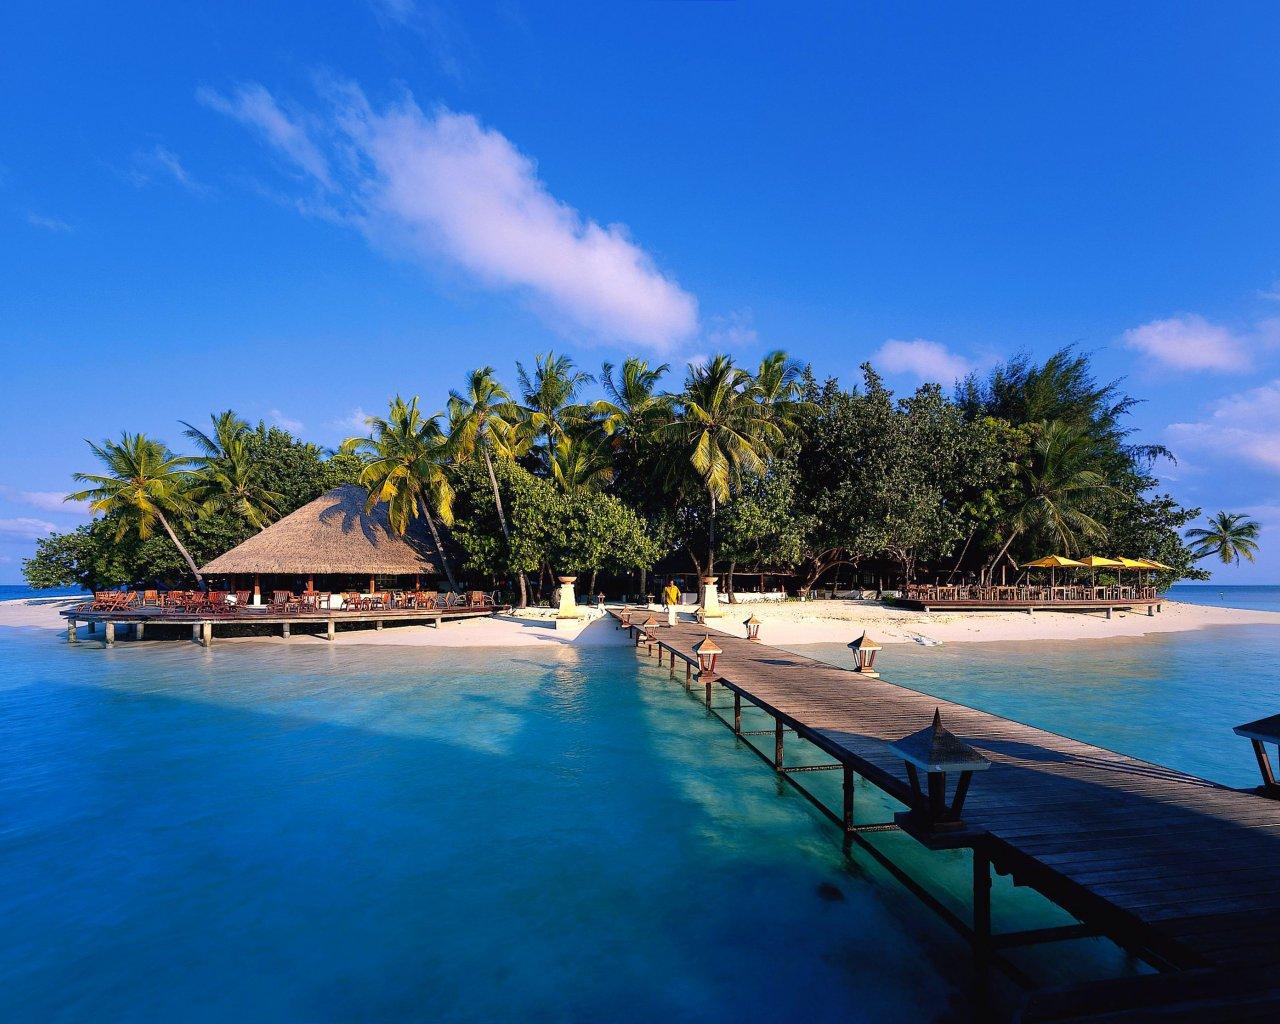 Hd - Villa de vacances exotiques island views ...